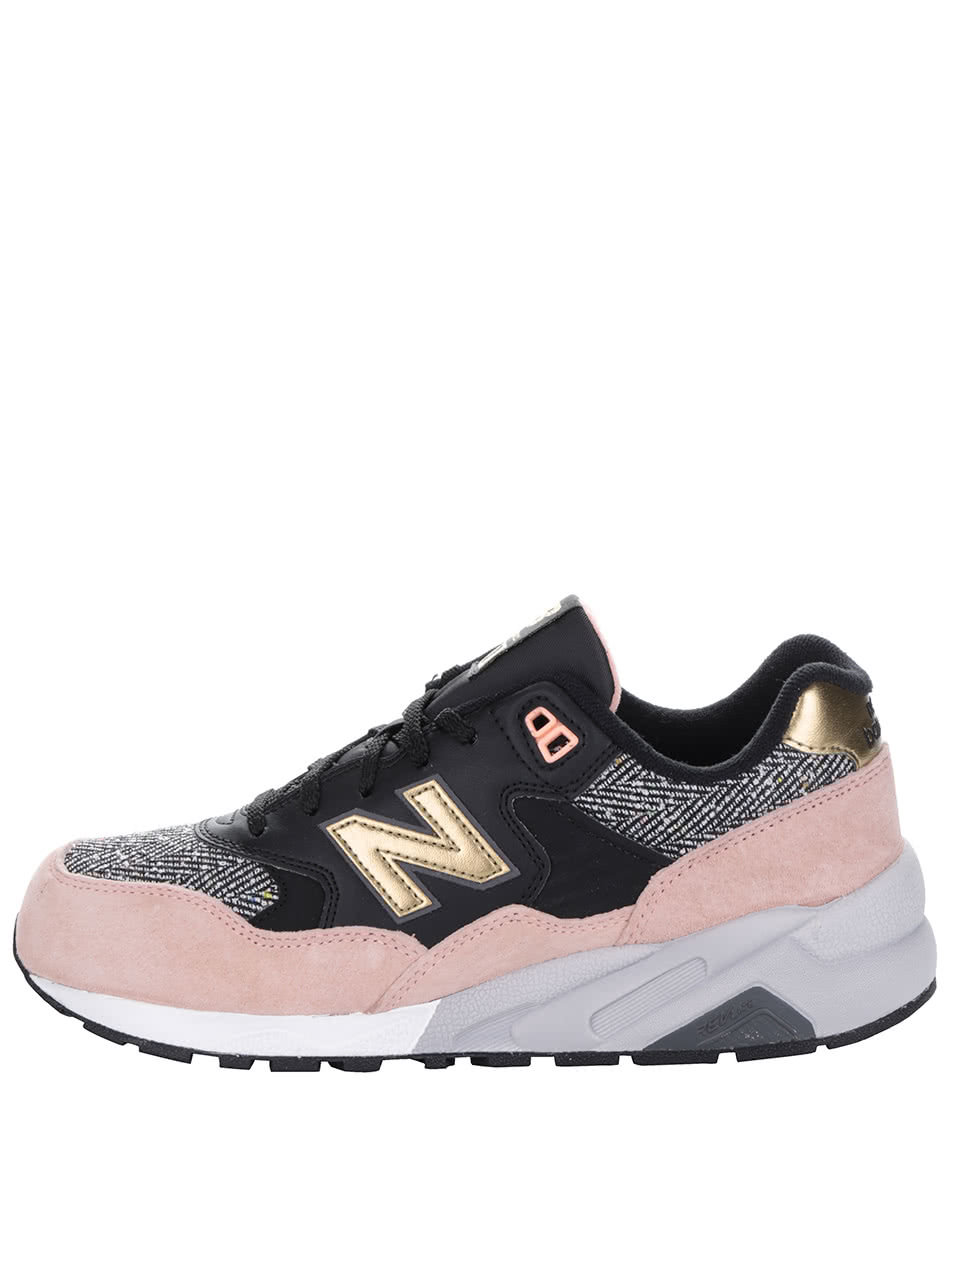 d04f8cefc31 Ružovo-čierne dámske kožené tenisky New Balance ...